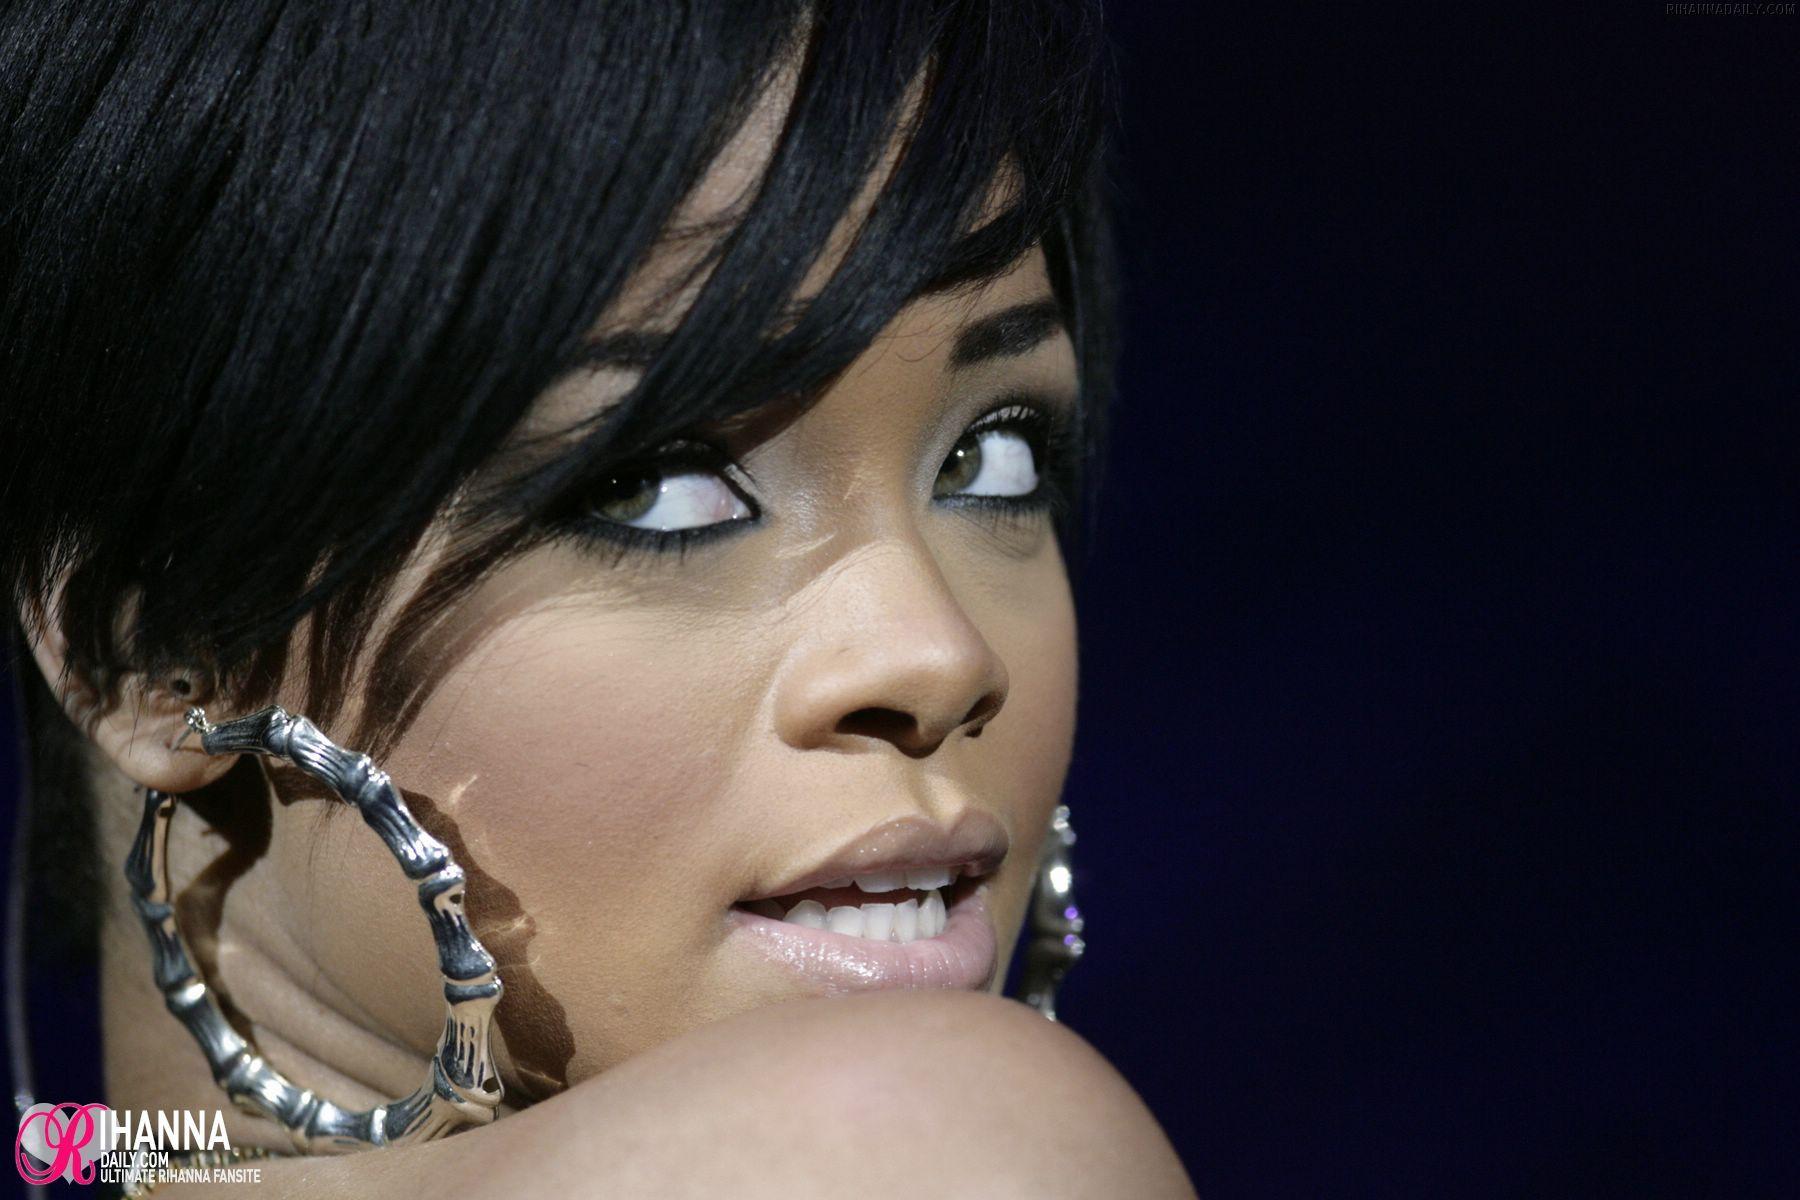 rihanna - Rihanna Photo (1010380) - Fanpop Rihanna